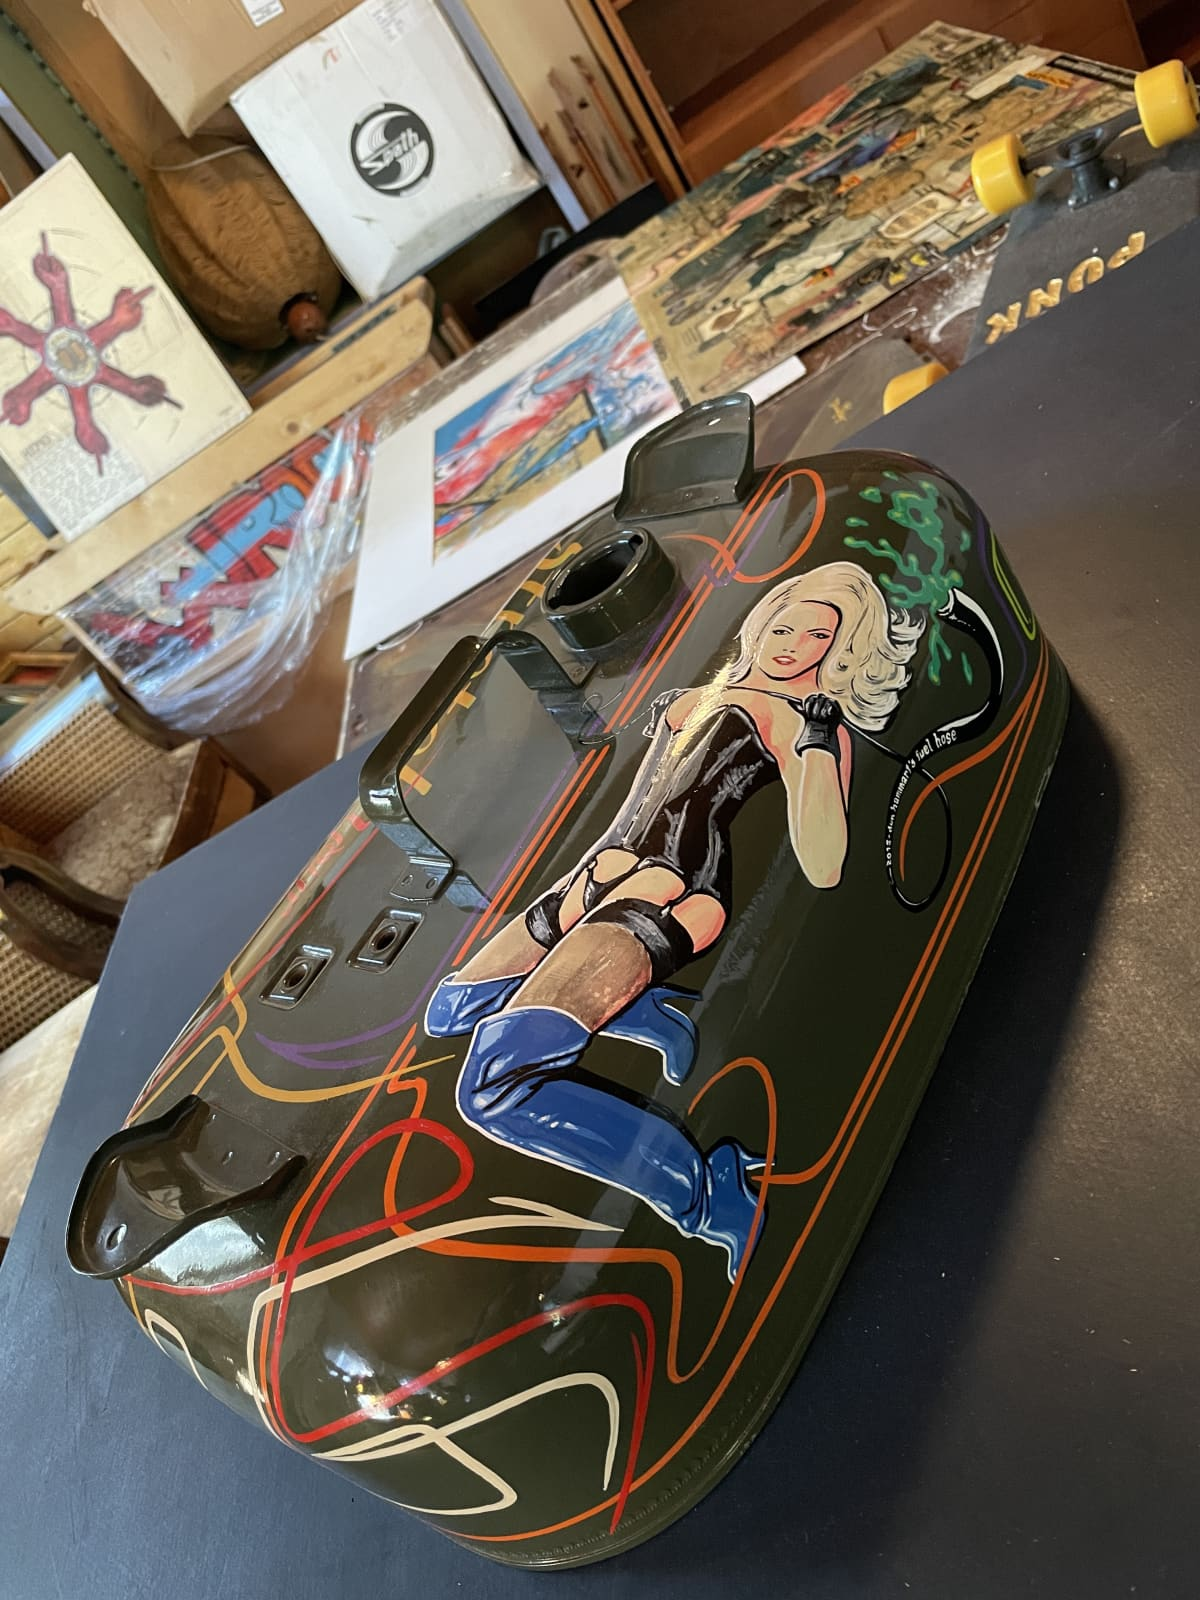 Vanhan bensakanisterin kylkeen on maalattu naisen kuvan.